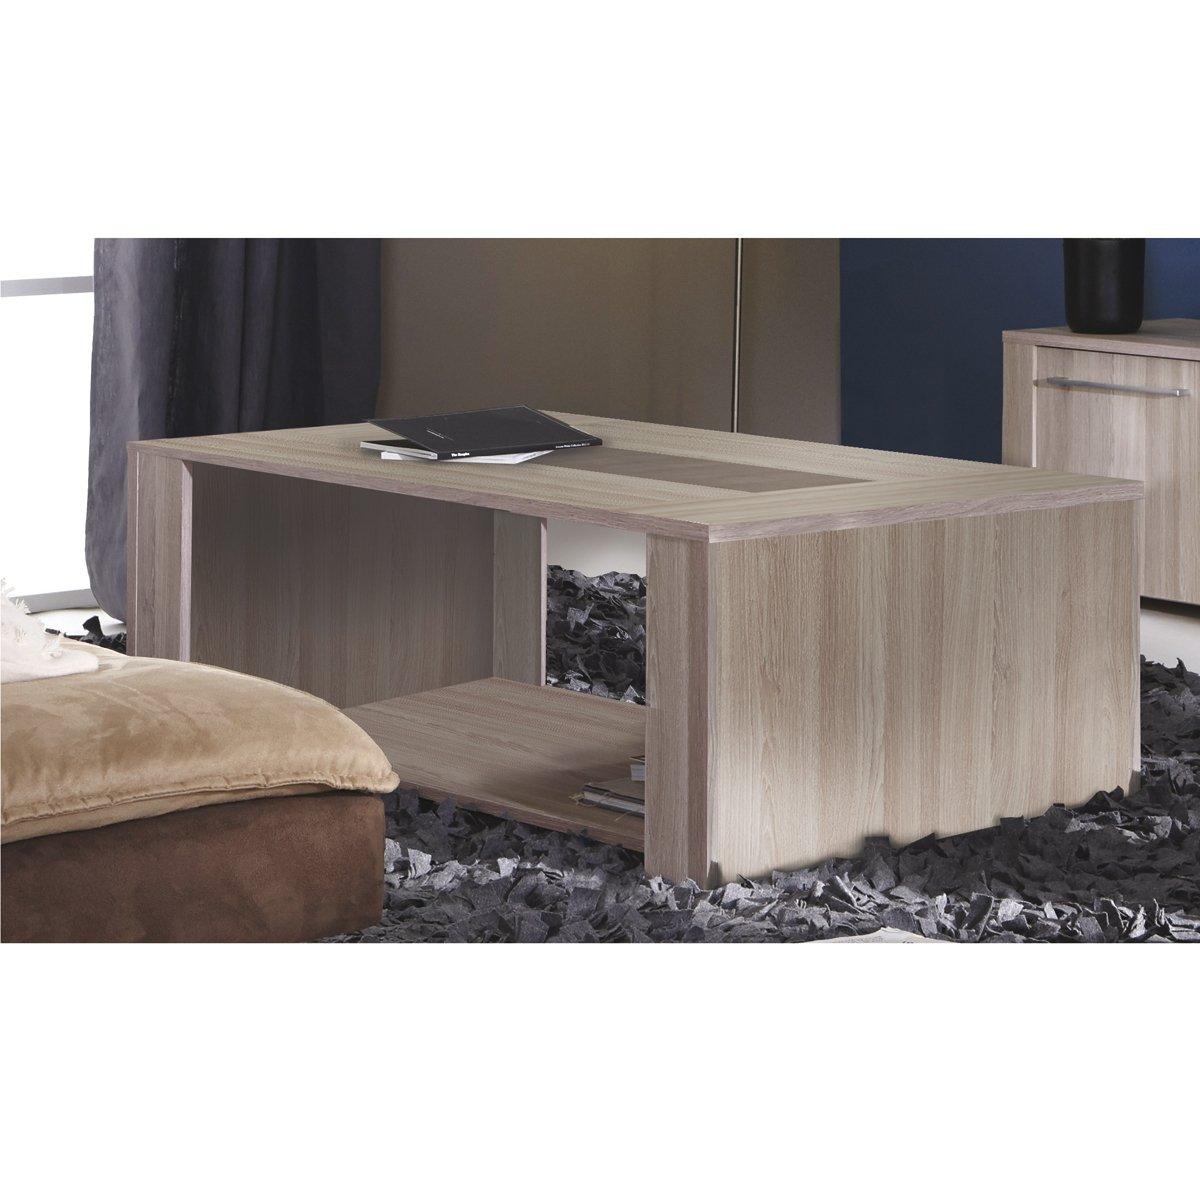 Demeyere Duchess Coffee Table, Wood, Shannon Oak/Concrete: Amazon.co ...